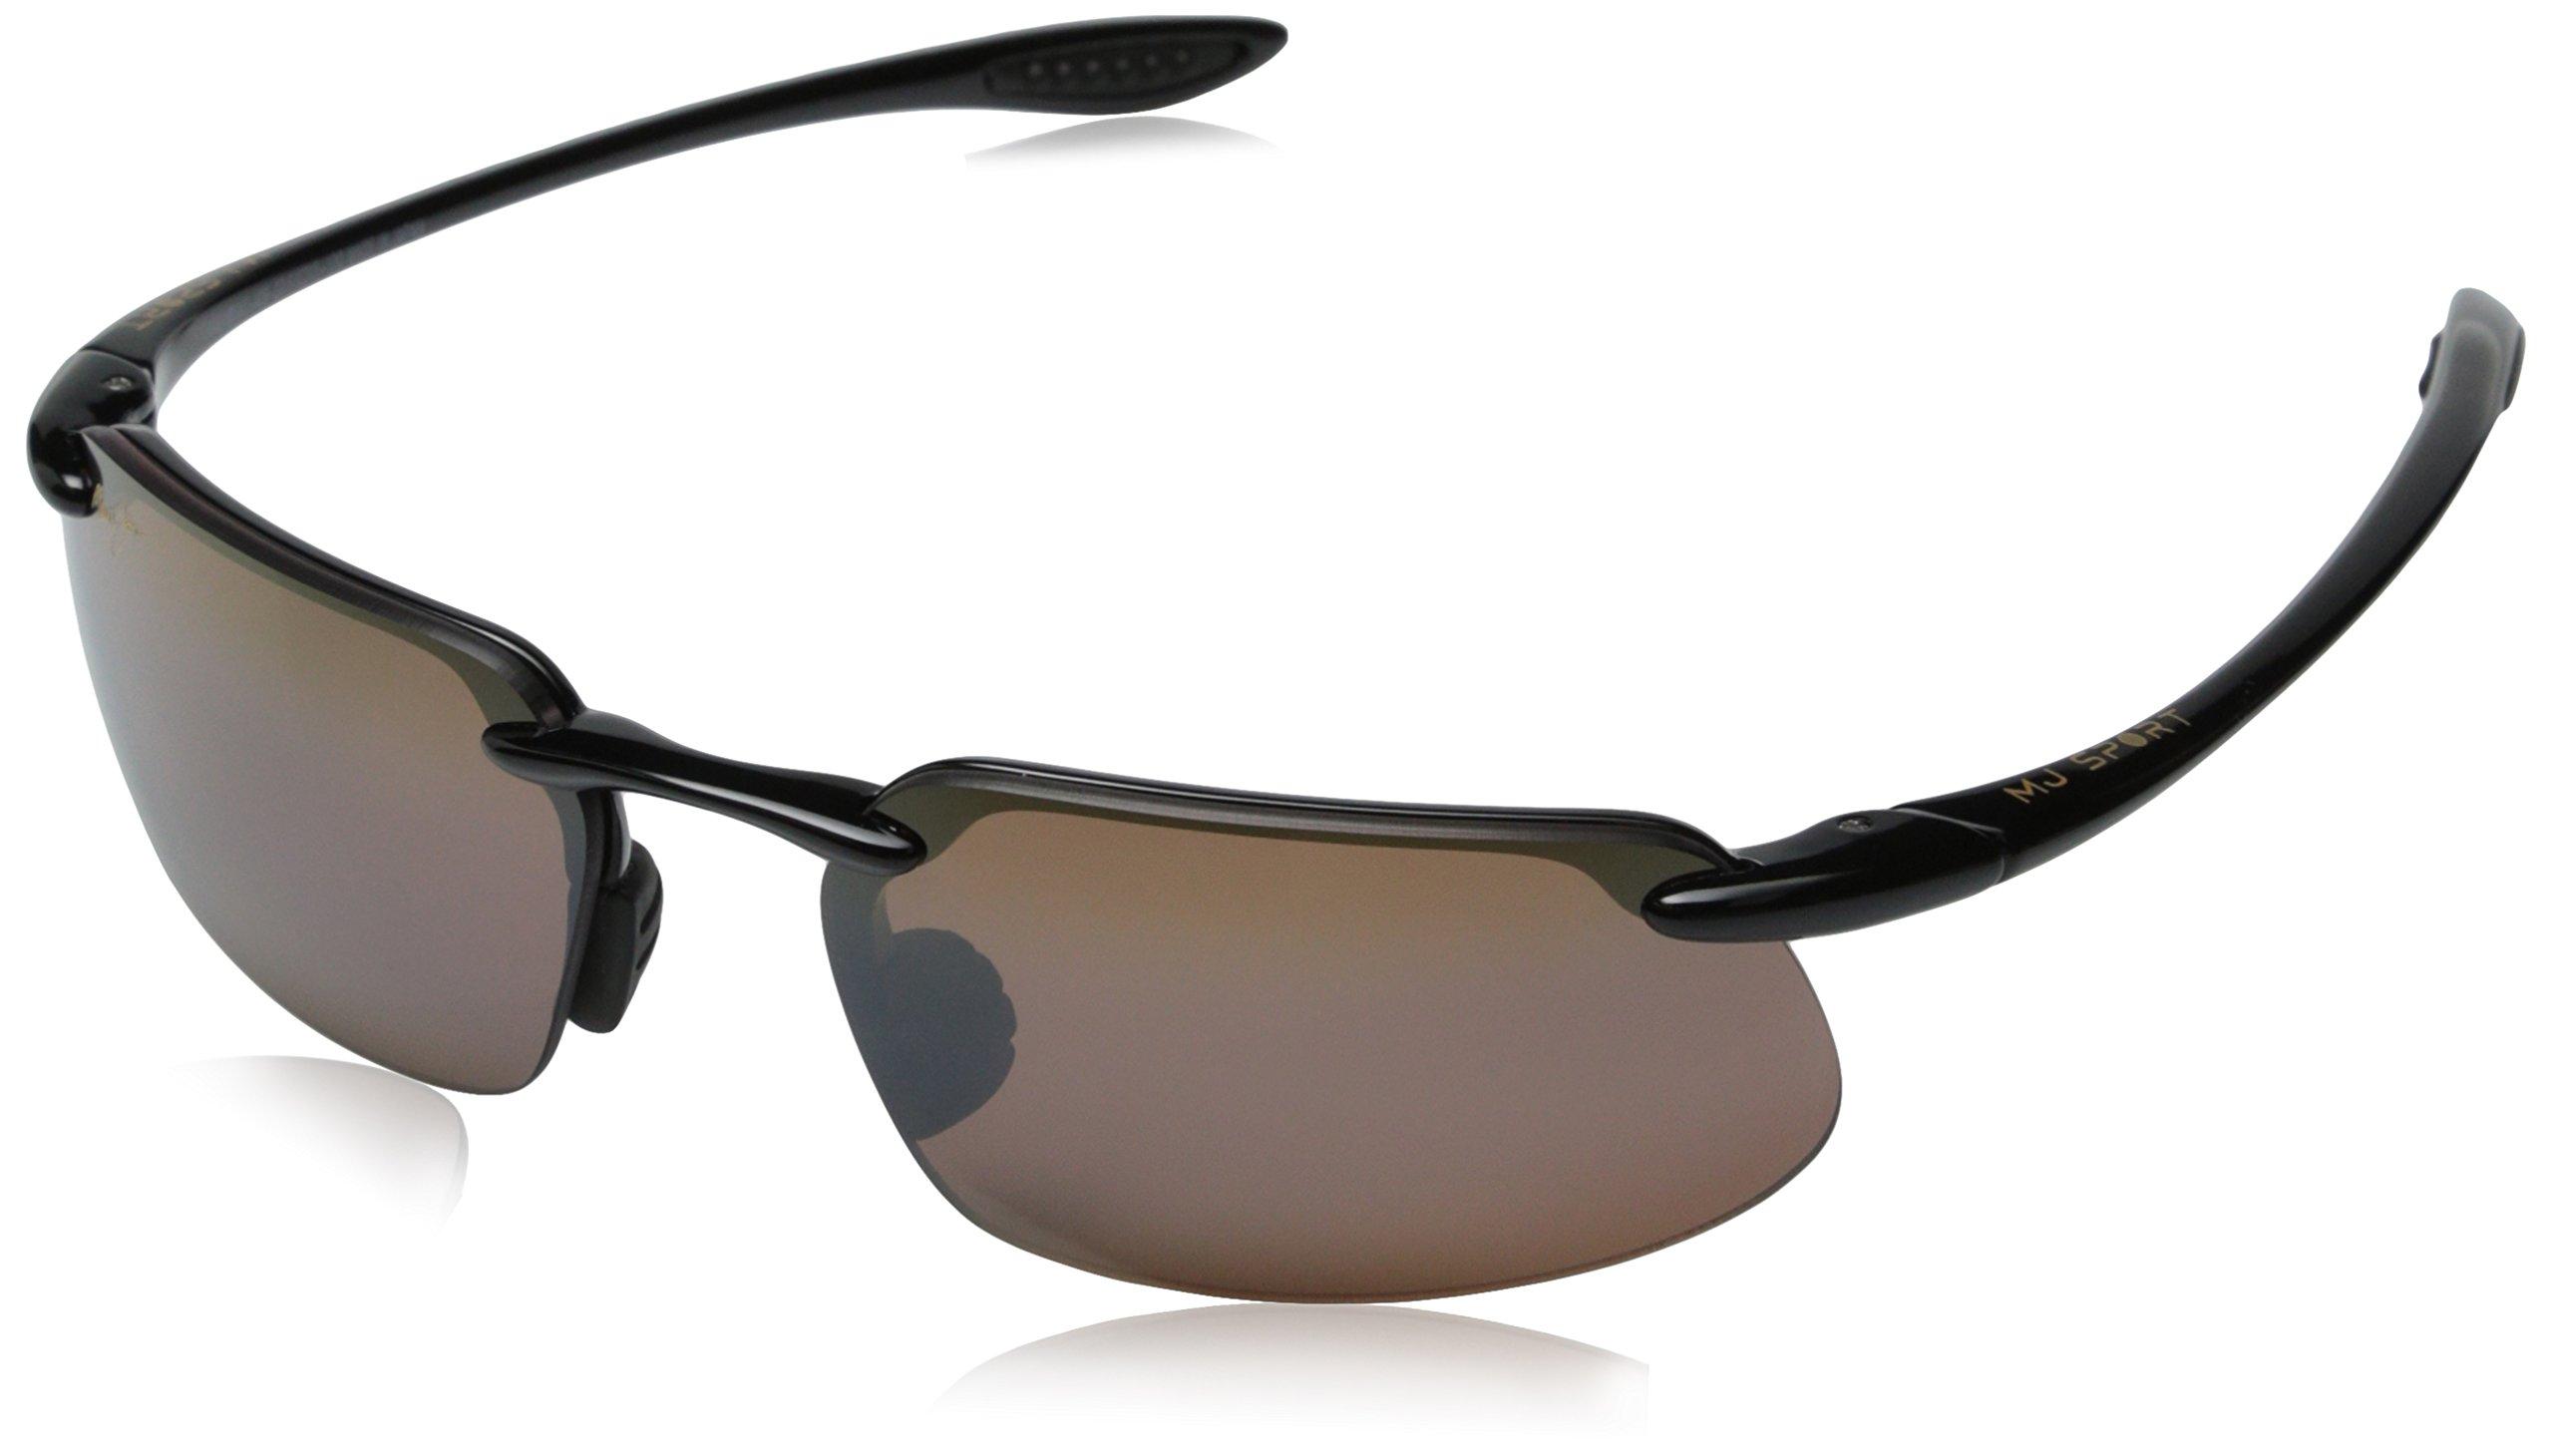 Maui Jim Kanaha Sunglasses,Gloss Black Frame/HCL Bronze Lens,one size